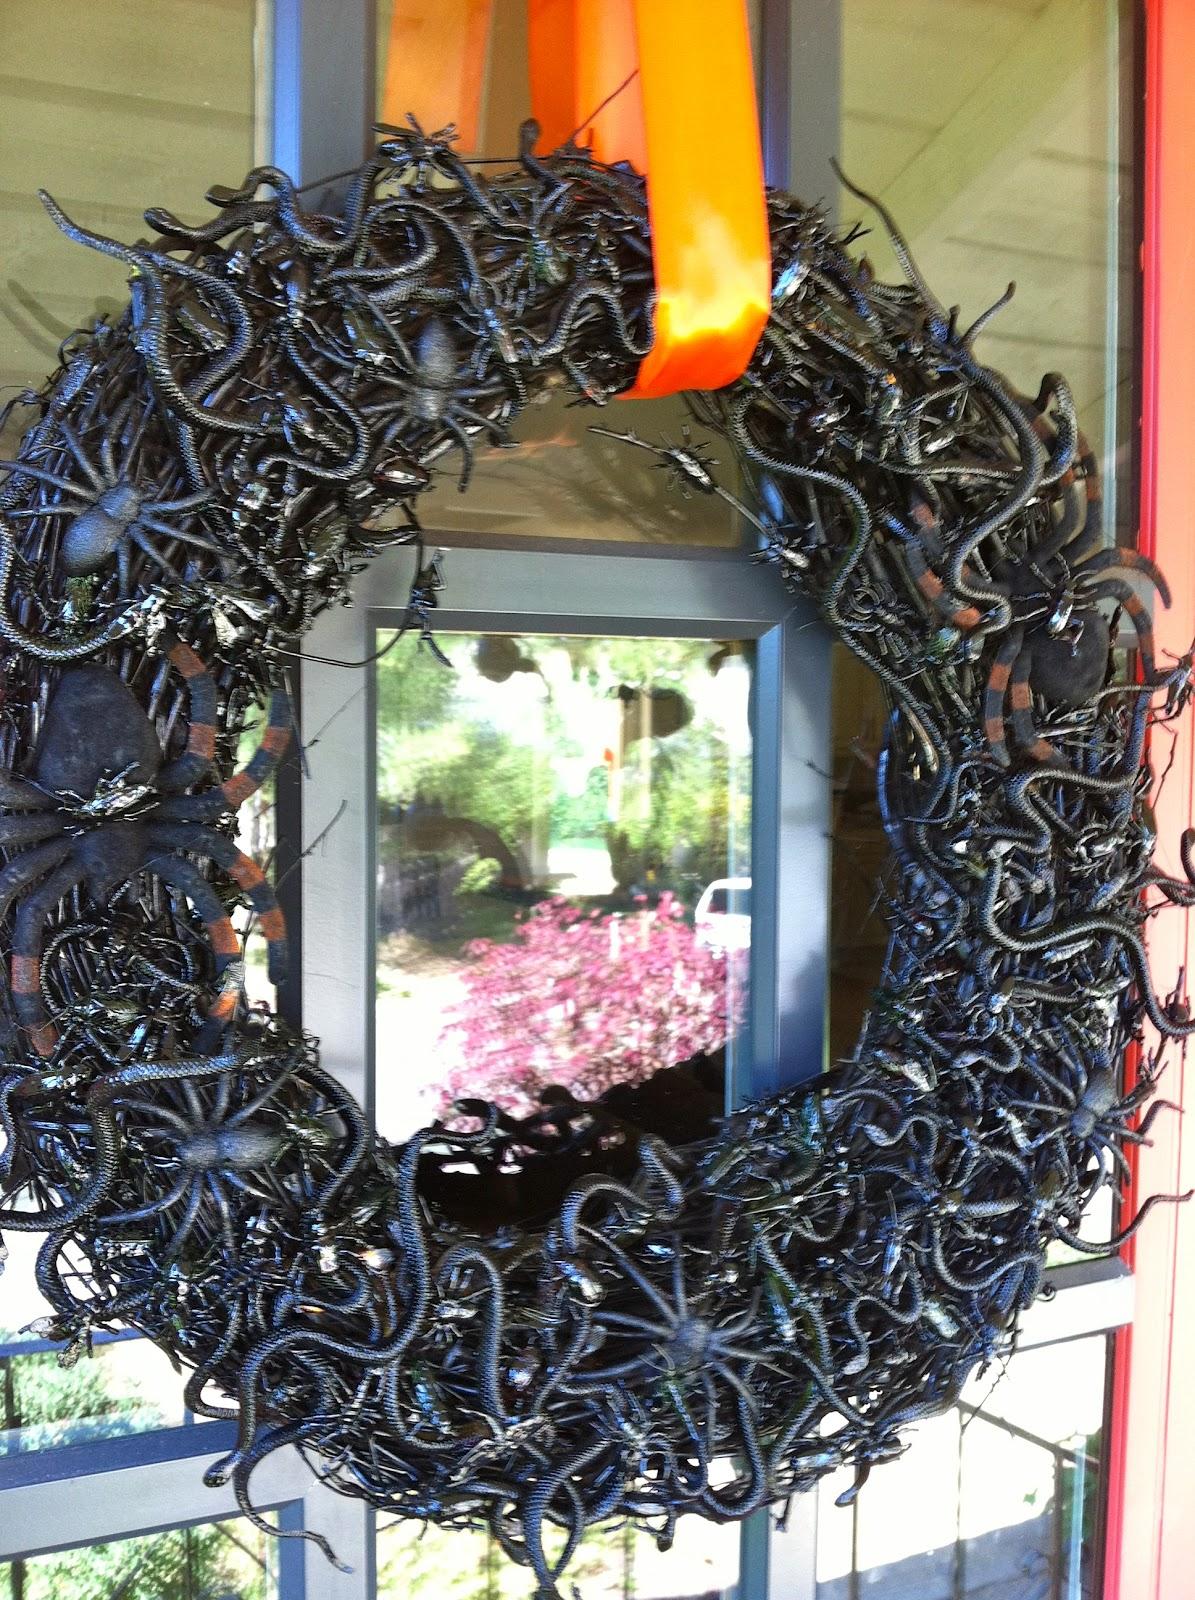 Halloween Chair Covers Dollar Tree Folding Racks The Third Boob Diy Spooky Creepy Bug Wreath